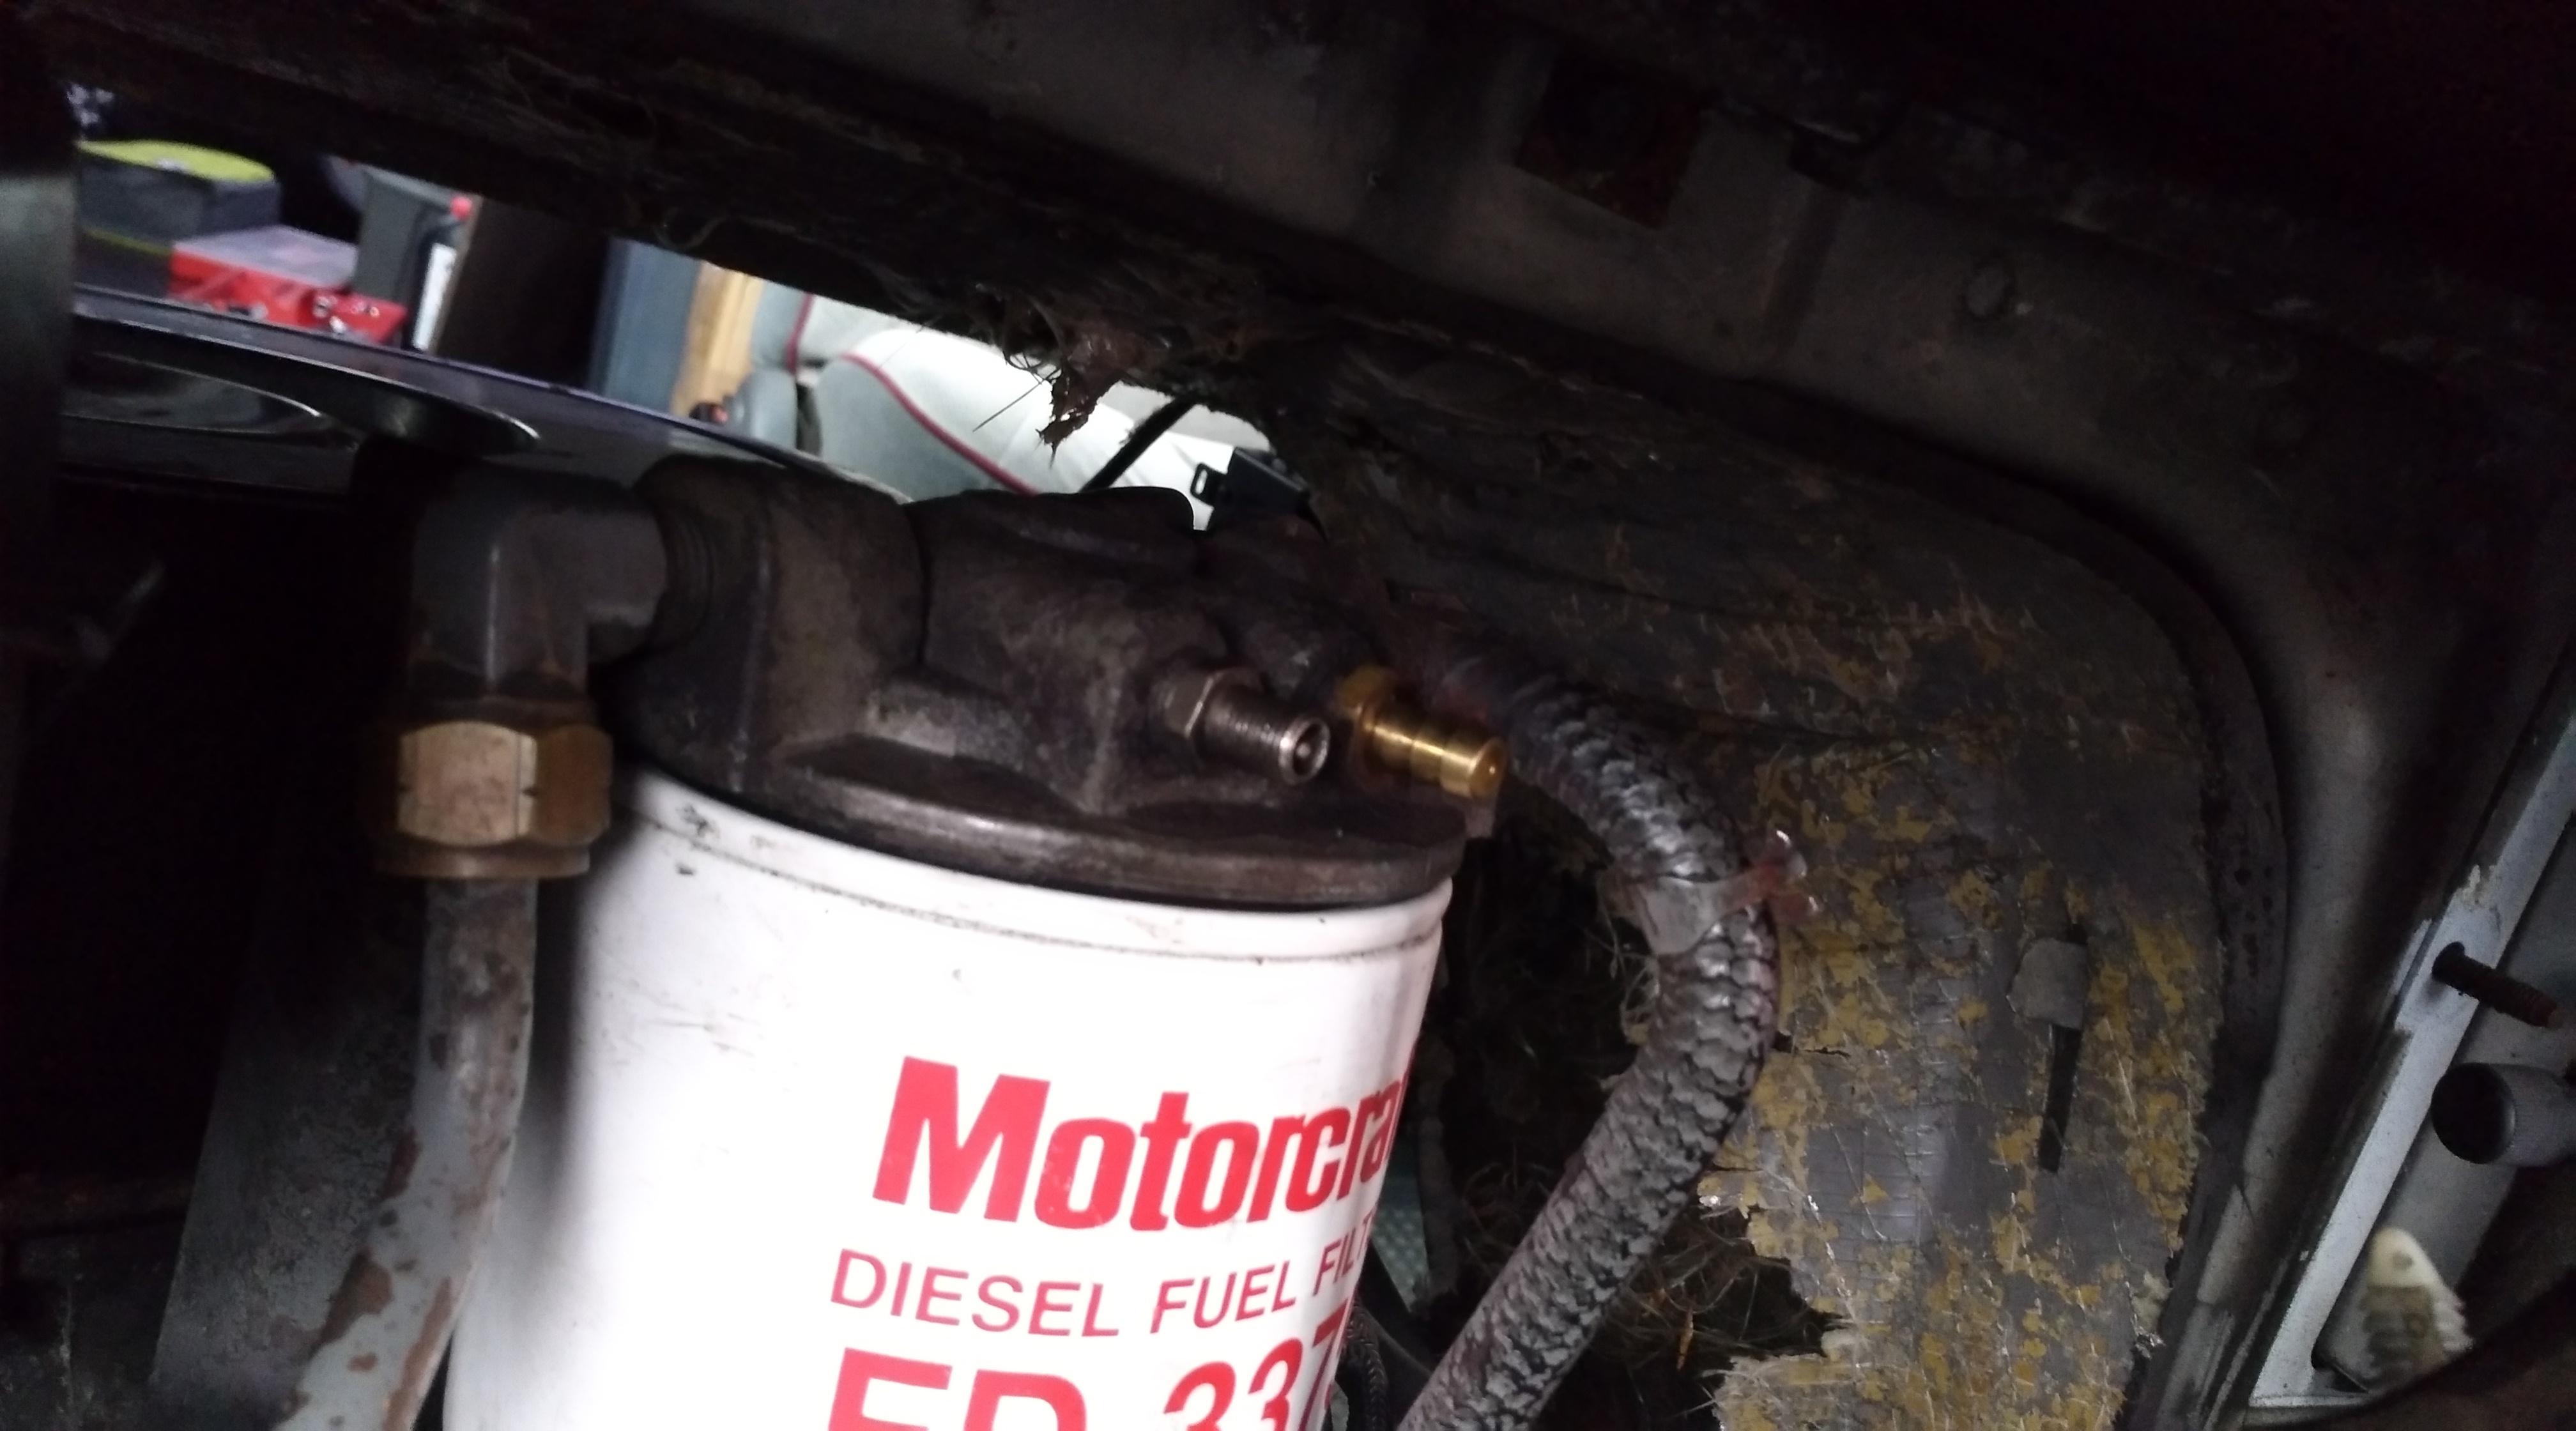 Liegen Geblieben Relais Fr Die Elektrische Sprit Pumpe E350 Fuel Filter Ford